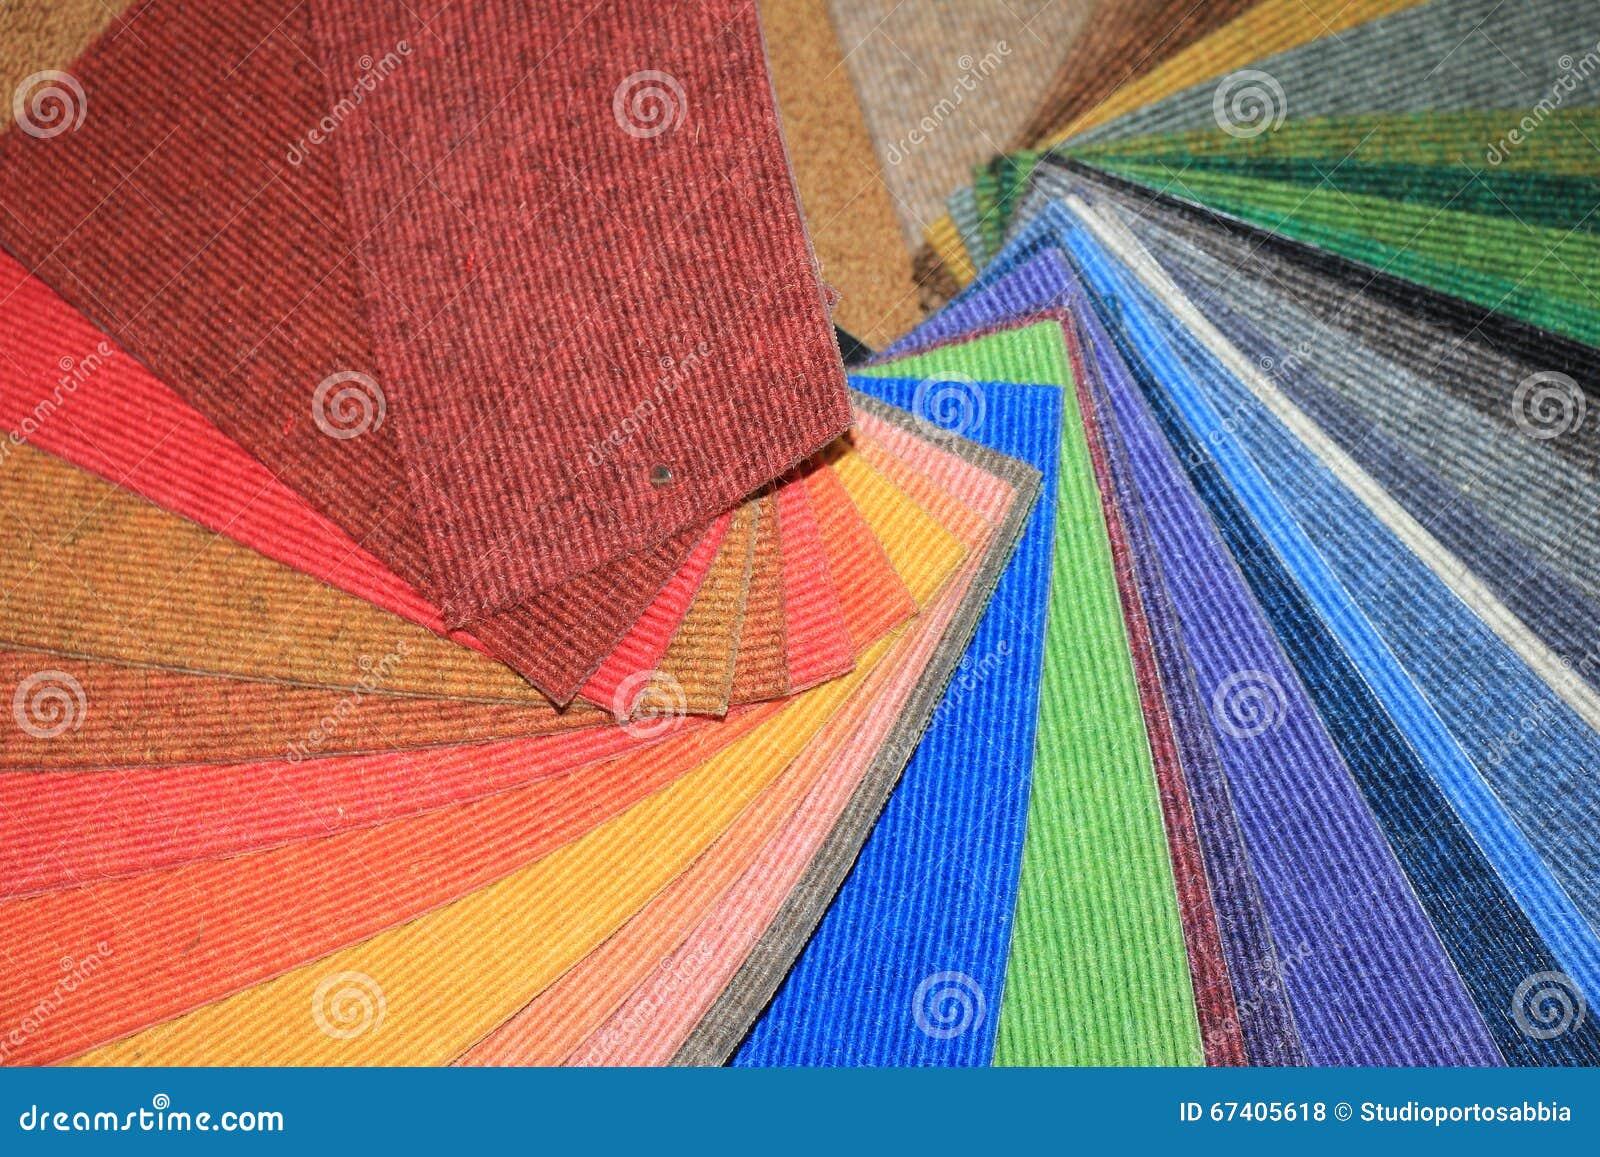 地毯样片在商店